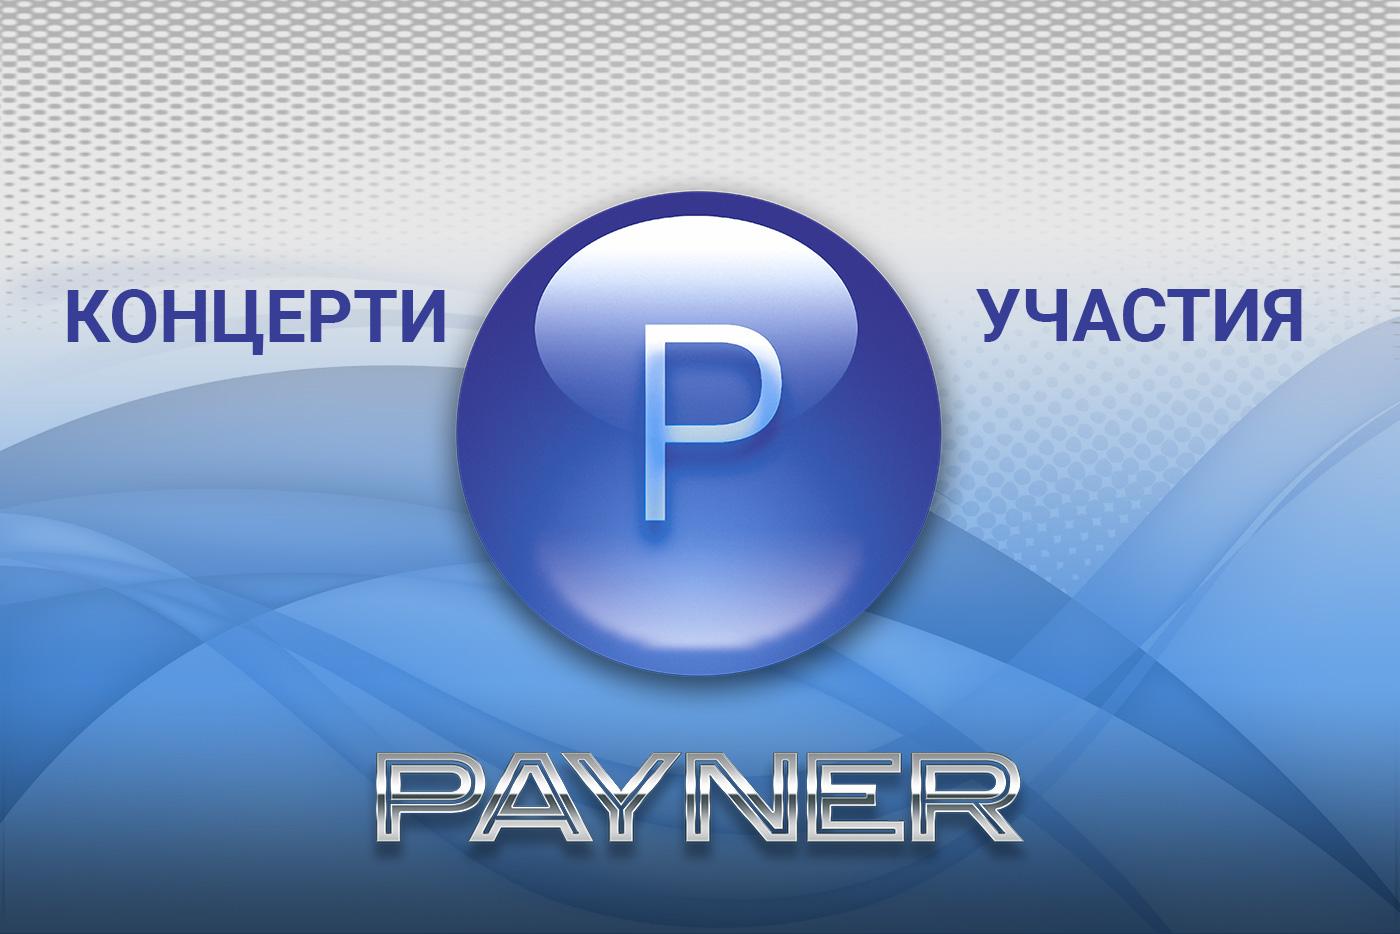 """Участия на звездите на """"Пайнер"""" на 22.10.2018"""